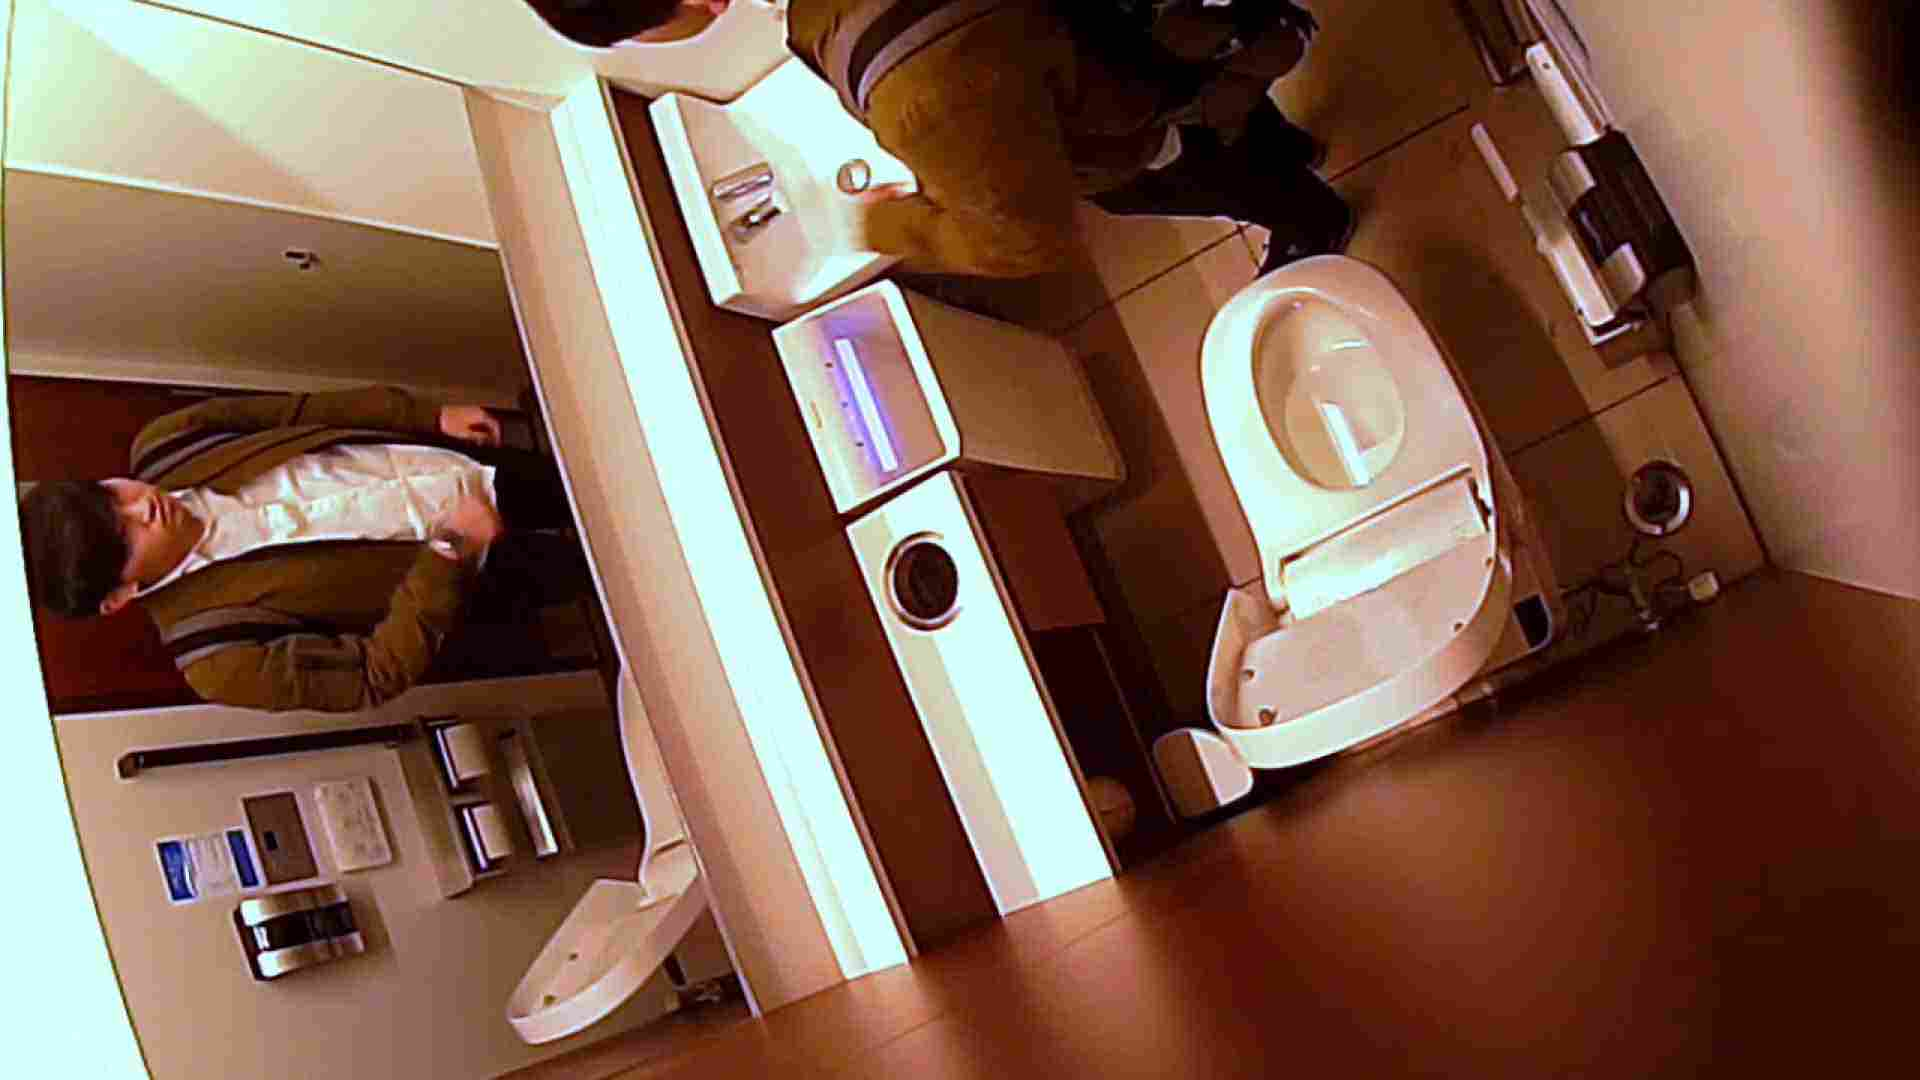 すみませんが覗かせてください Vol.30 トイレ | 0  100連発 57